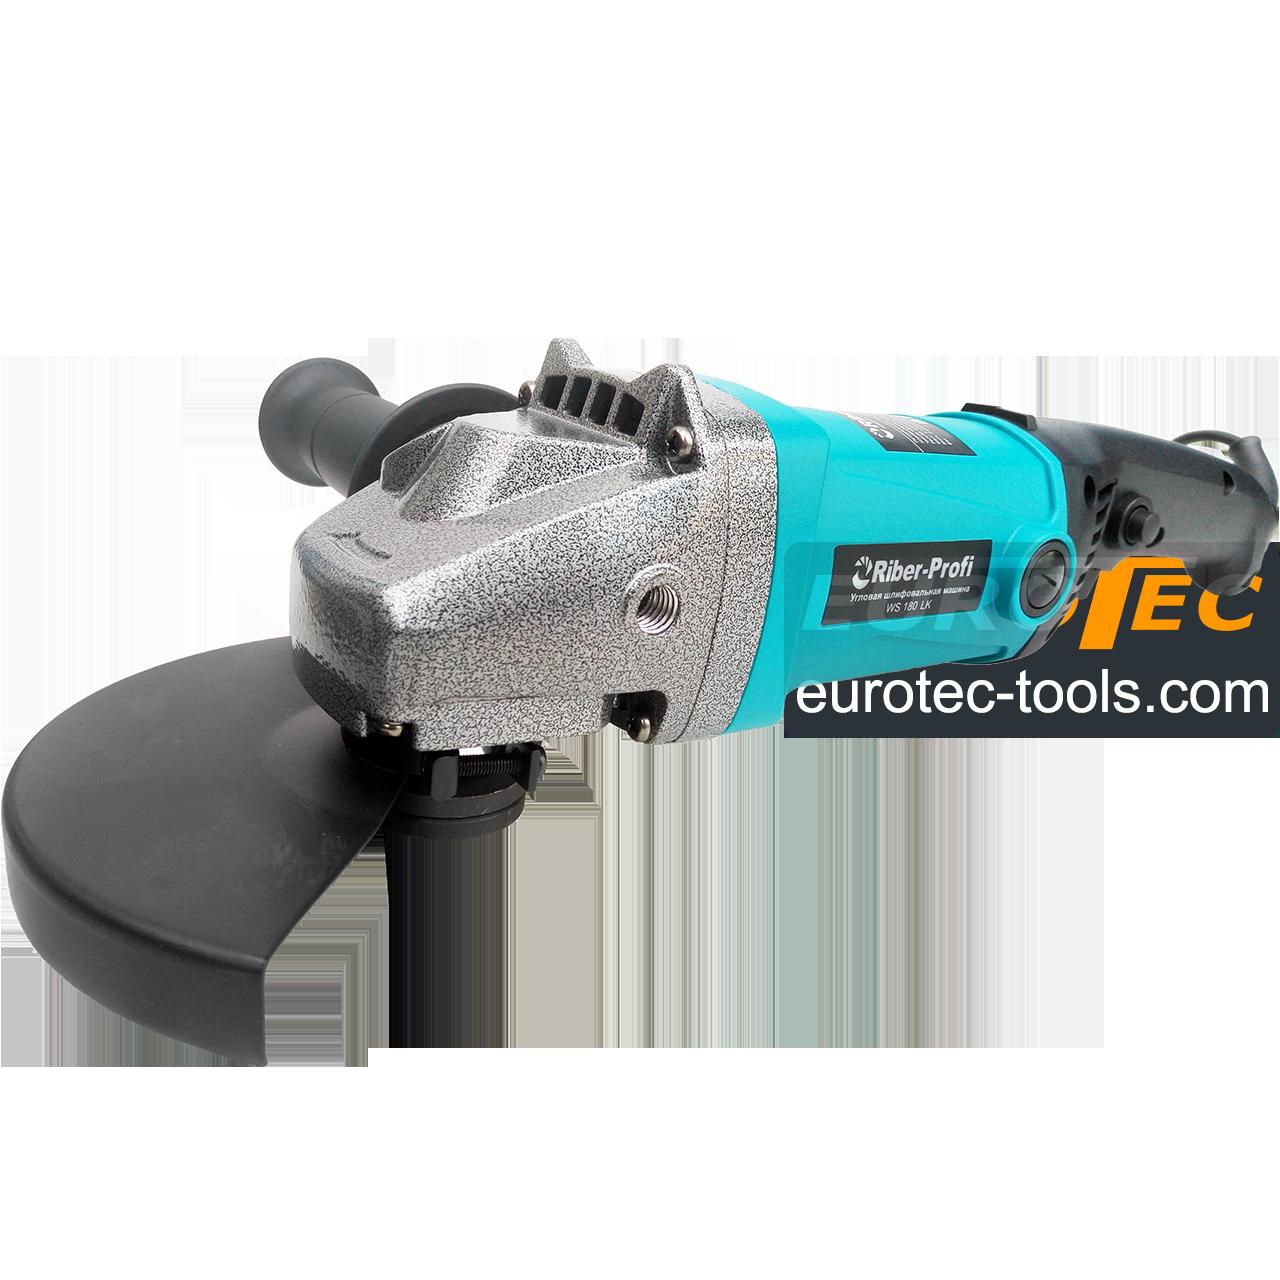 Болгарка 180 мм Riber WS 180LK, углошлифовальная машина без регулировки оборотов, угловая шлифмашина, УШМ КШМ